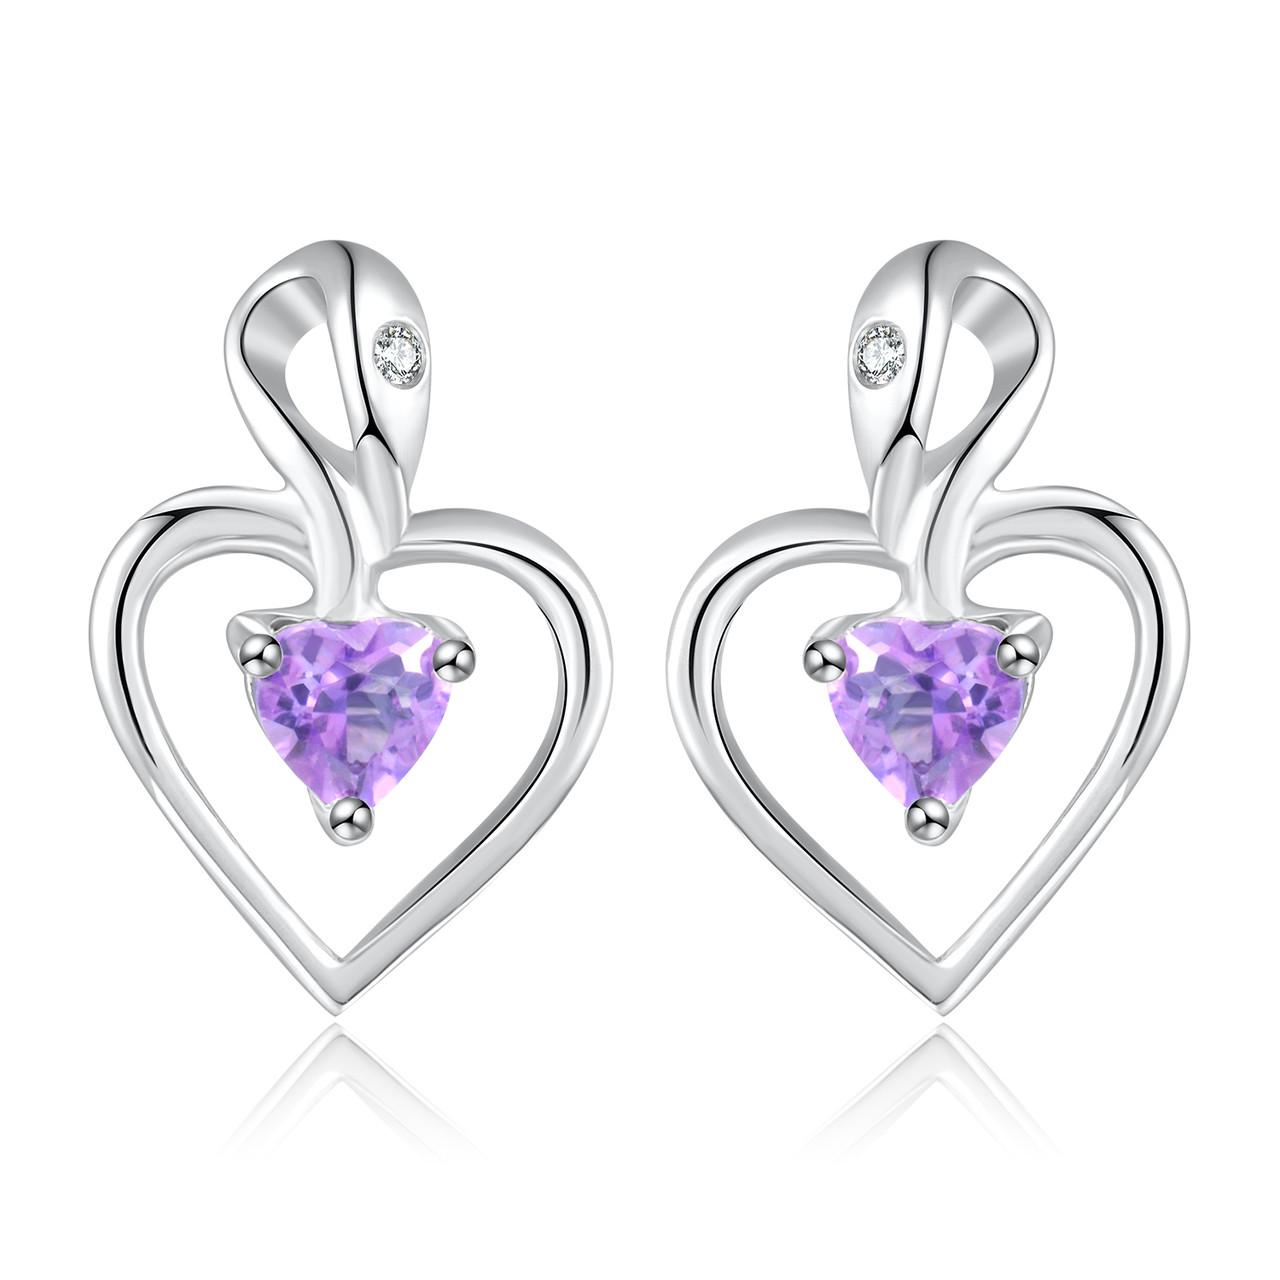 1/5 CTW Heart Purple Amethyst Stud Earrings in  925 Sterling